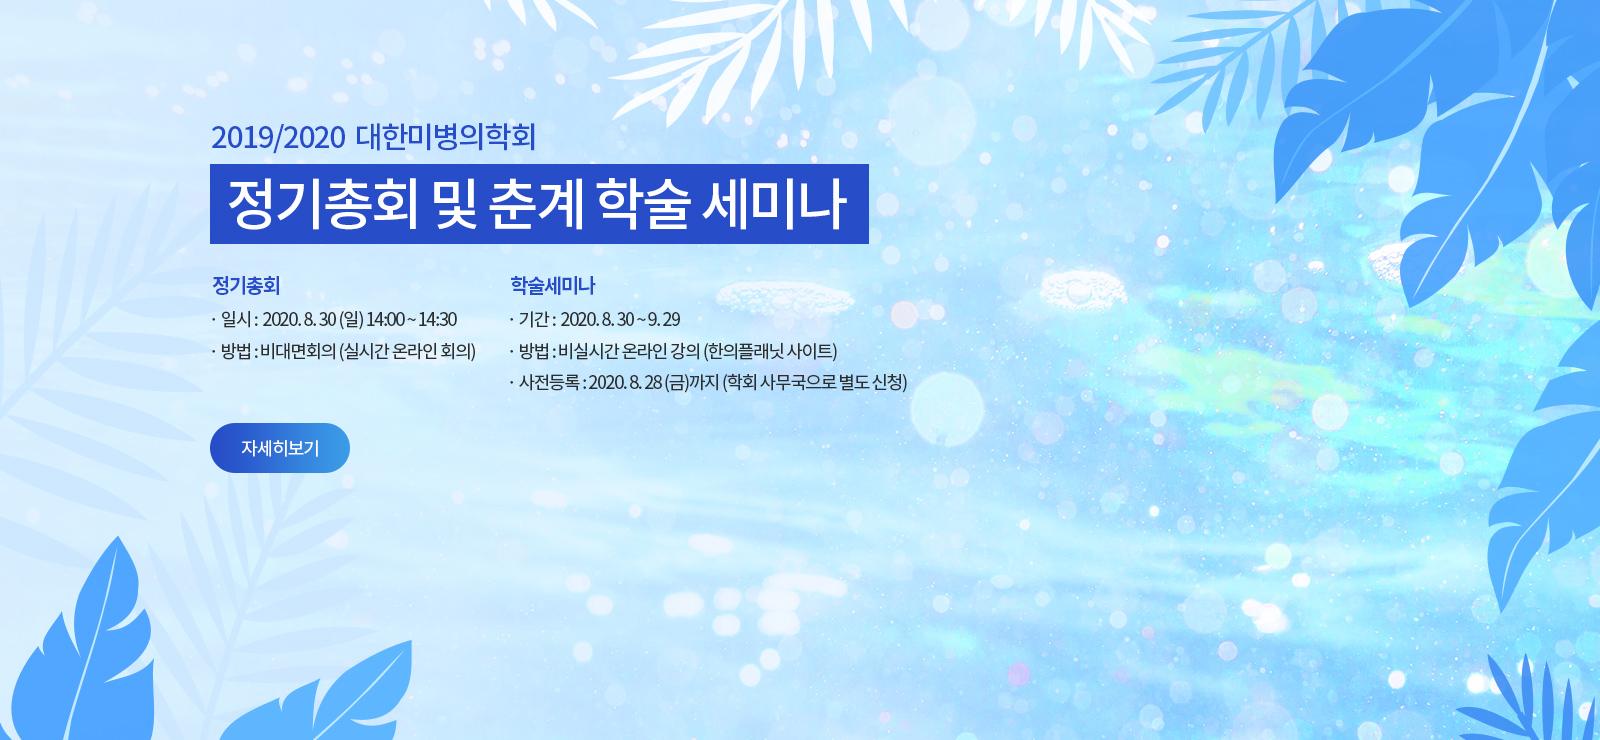 2019/2020 대한미병의학회 정기 총회 및 춘계 학술 세미나